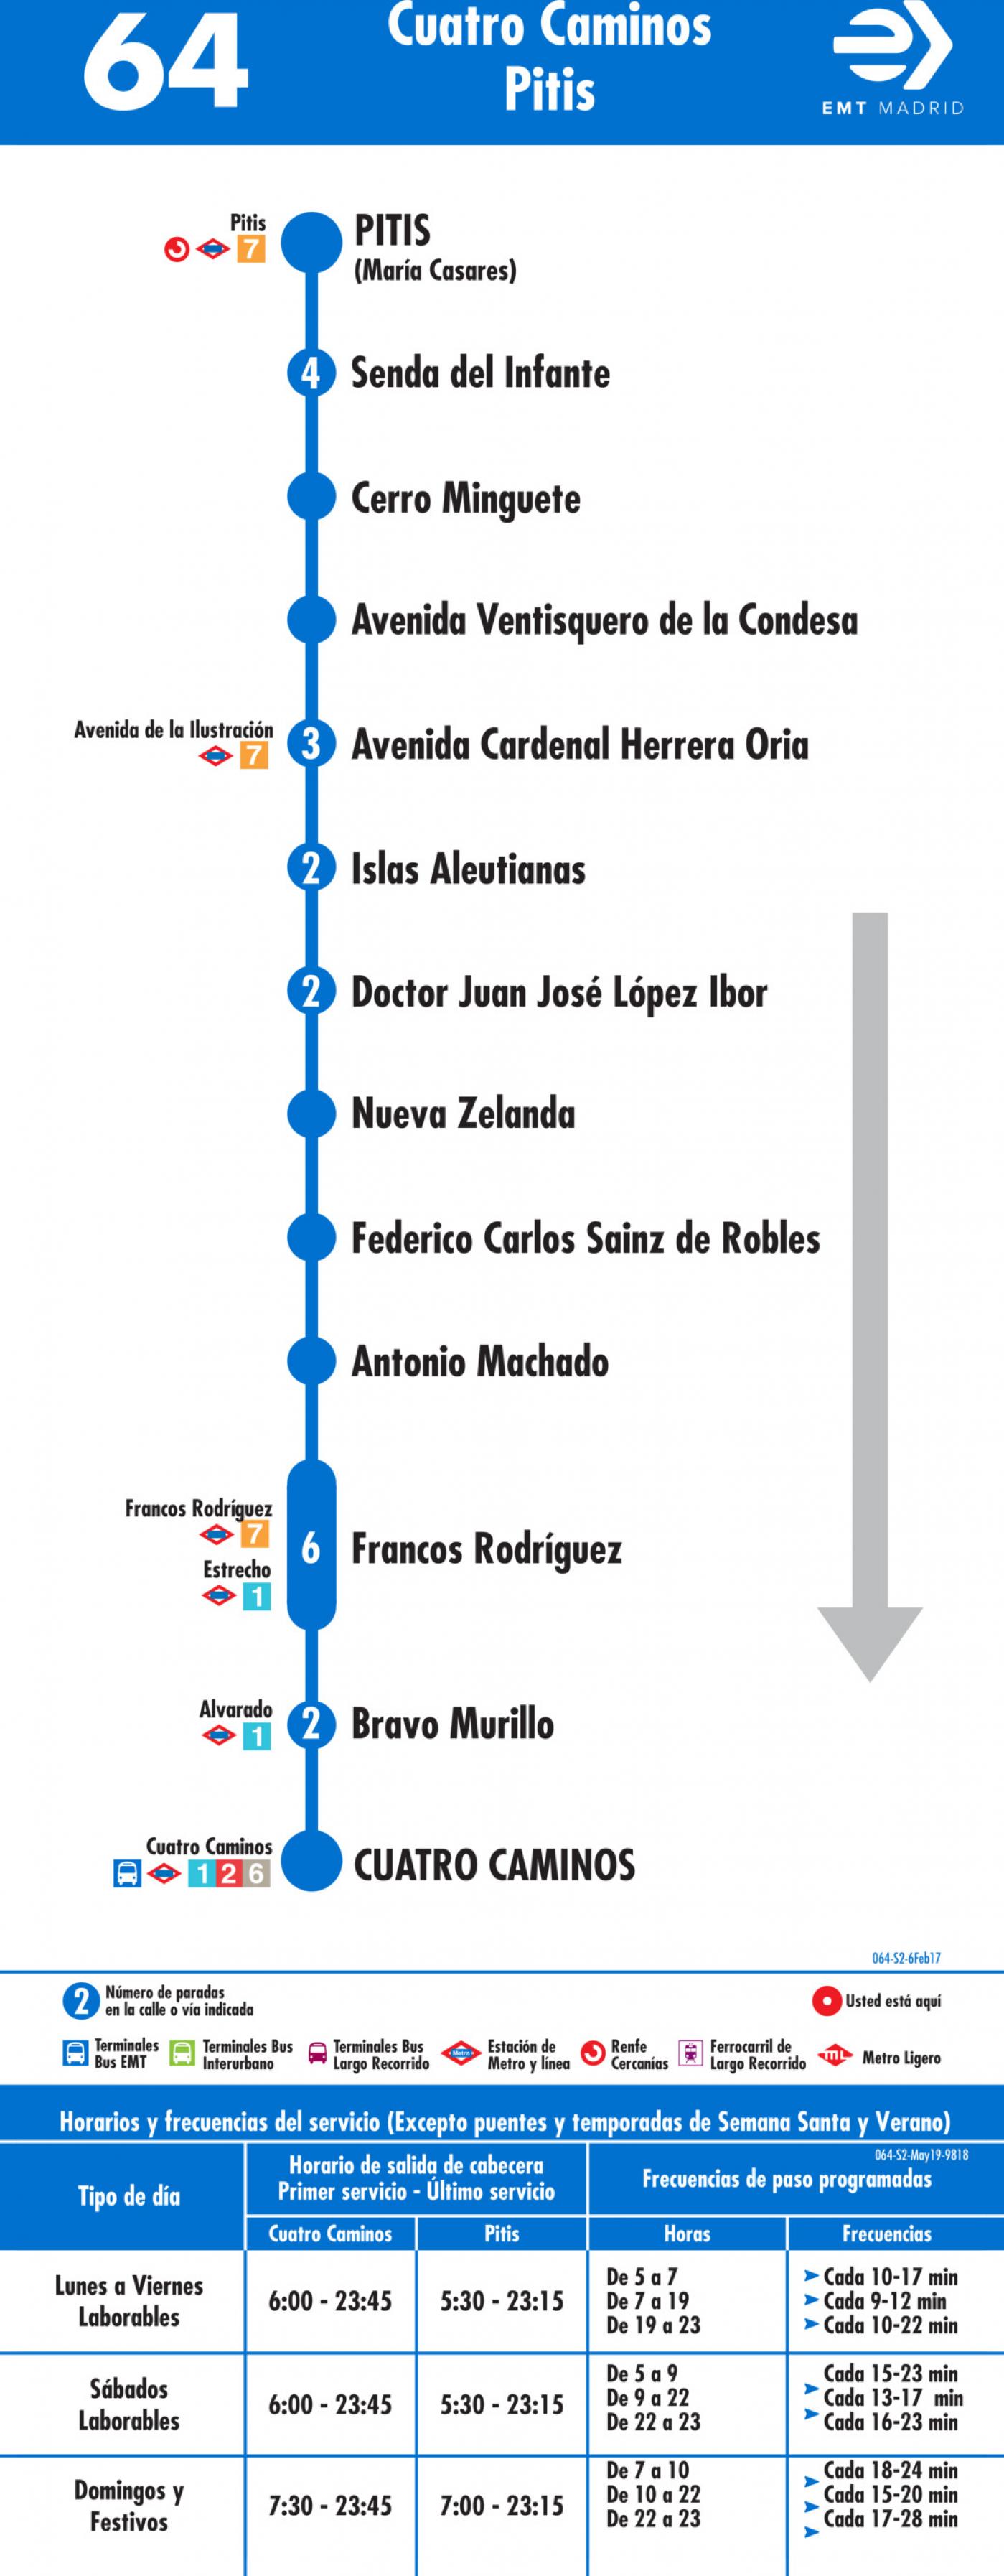 Tabla de horarios y frecuencias de paso en sentido vuelta Línea 64: Glorieta de Cuatro Caminos - Arroyo del Fresno